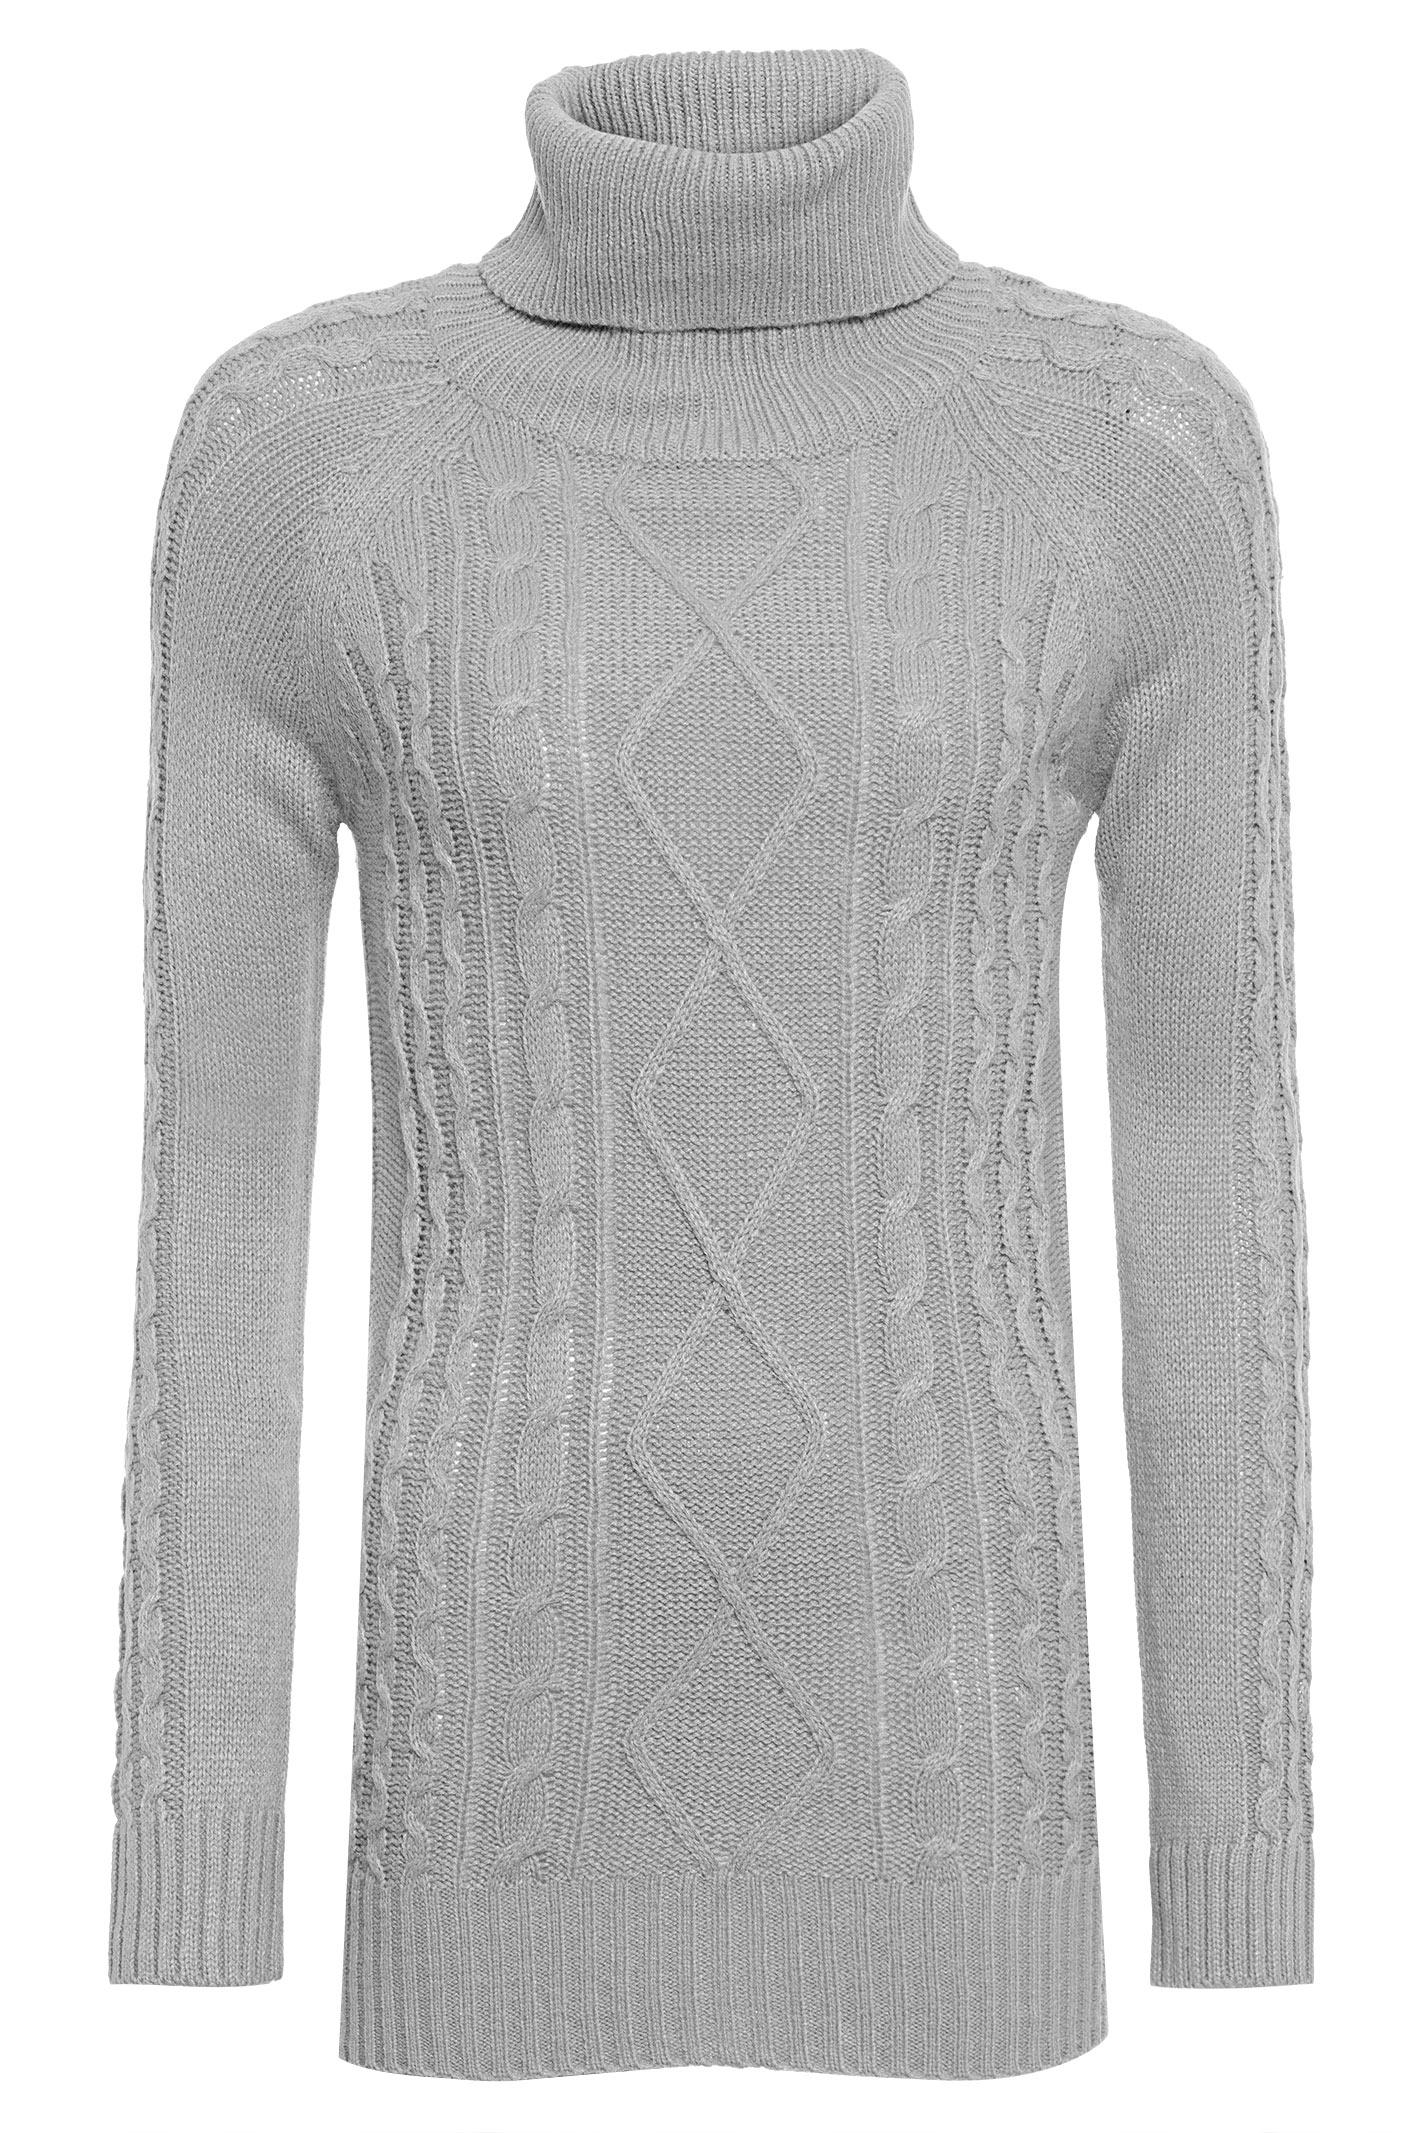 Sweater Feminino